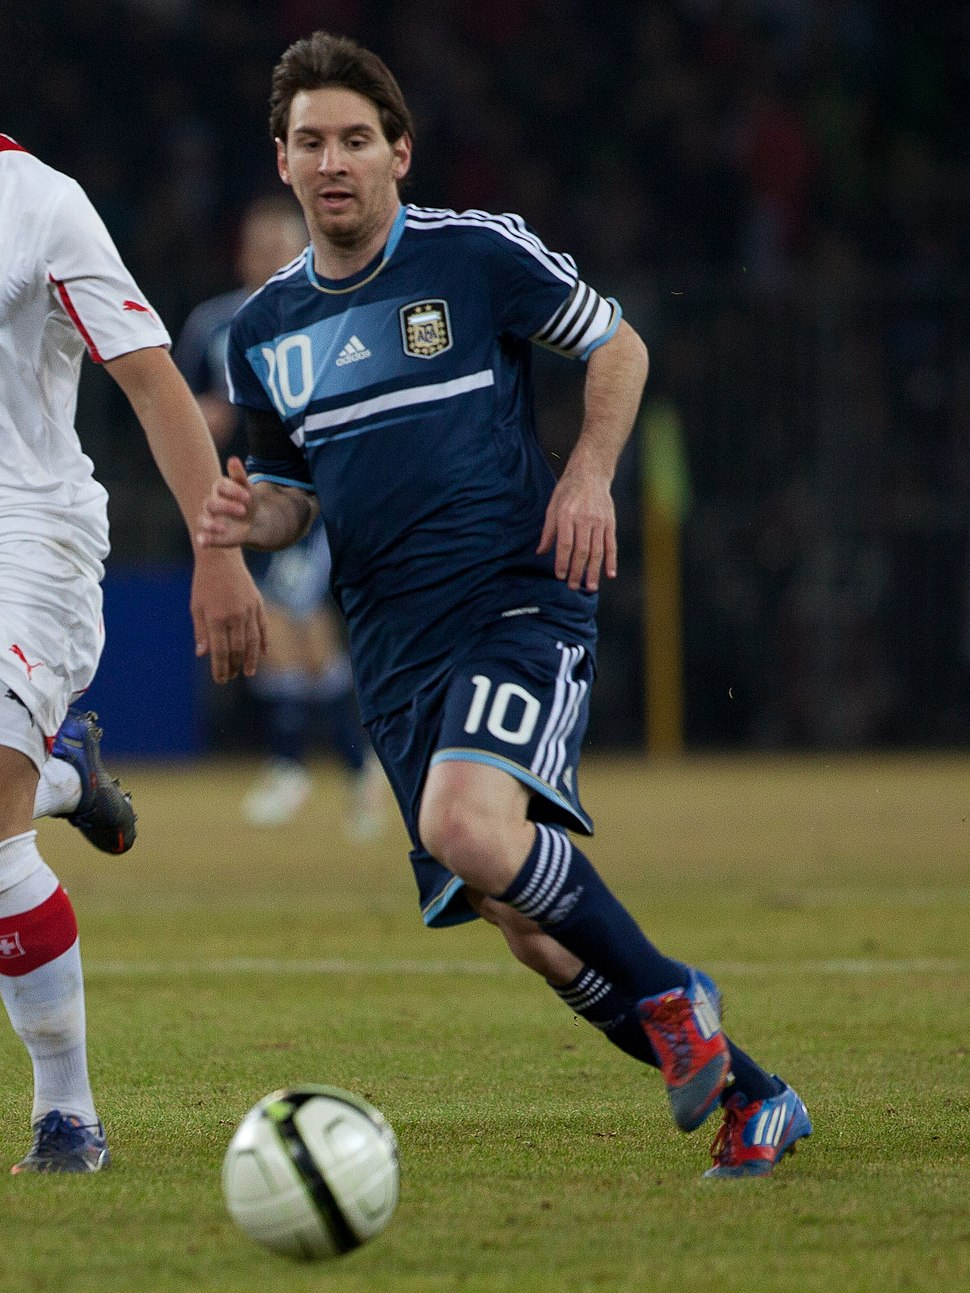 Suisse vs Argentine - Granit Xhaka %26 Lionel Messi crop